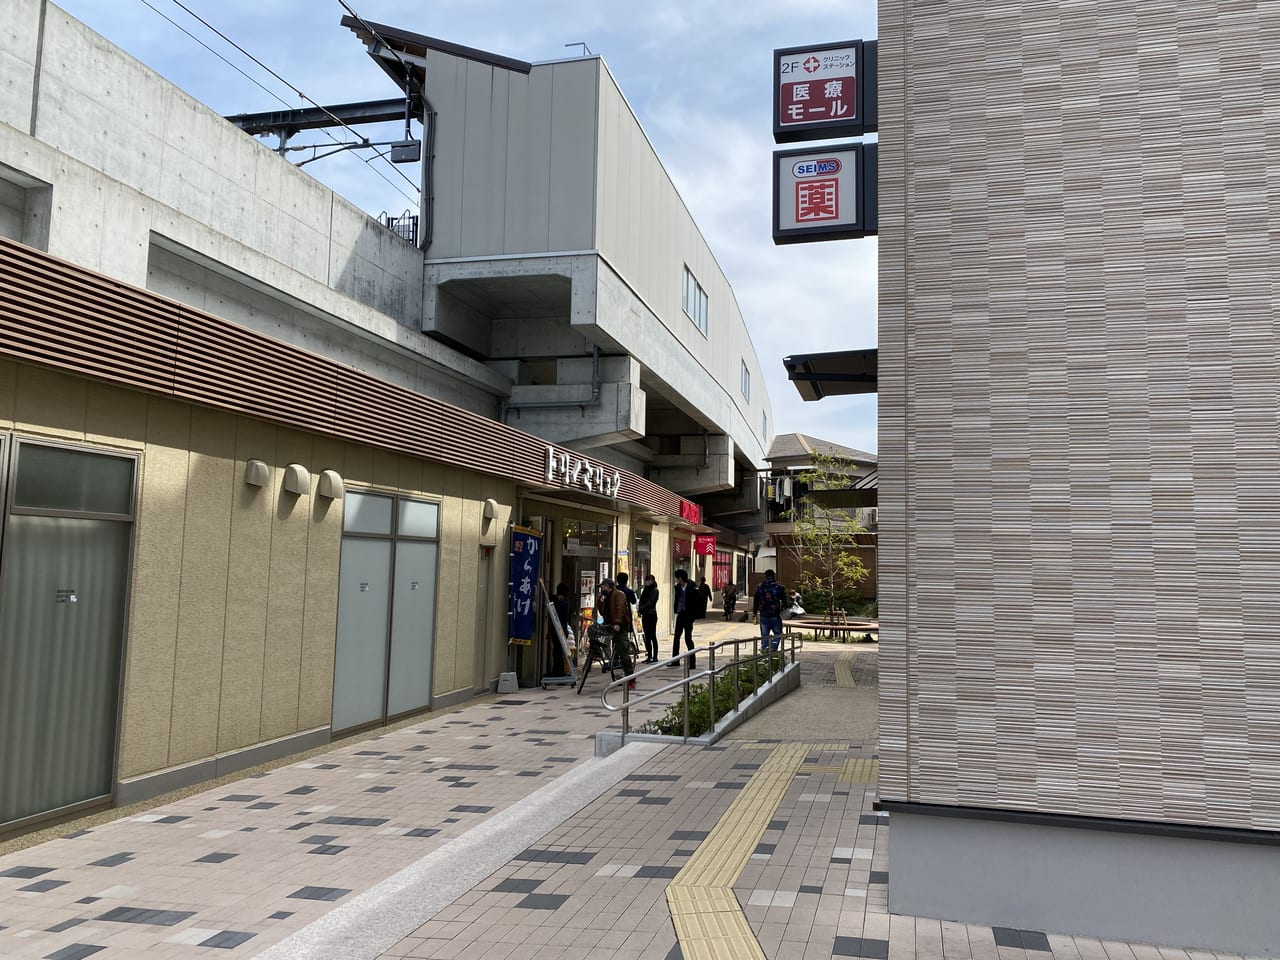 タウン 鴫野 ビエラ ビエラ(高架下・駅ビル商業施設)